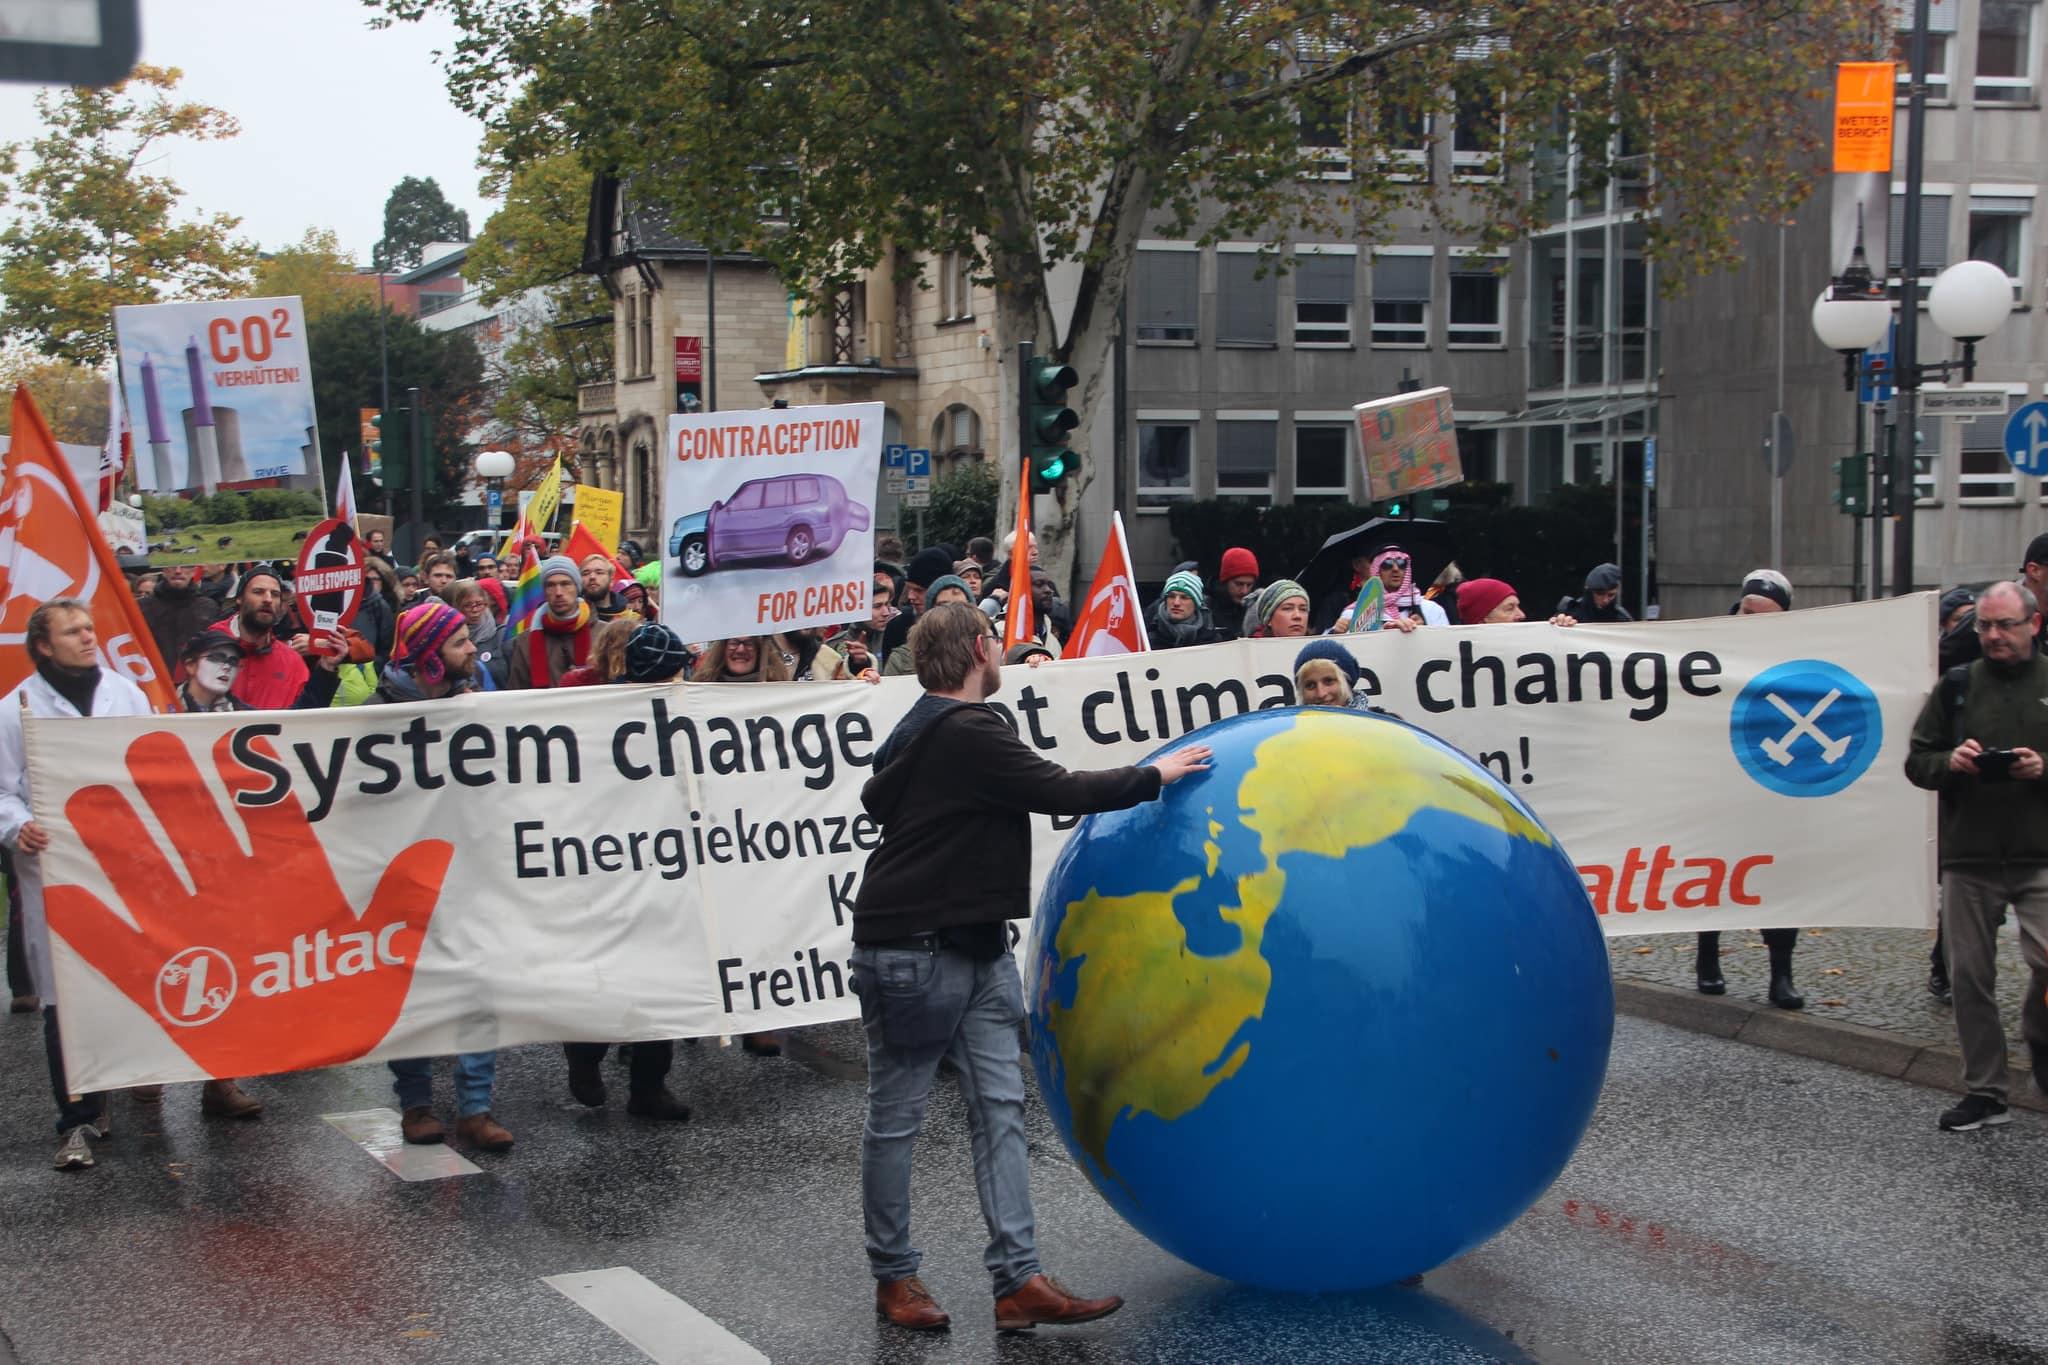 Marcha por el Clima durante la COP23 en Bonn, Alemania. Foto: Takver.